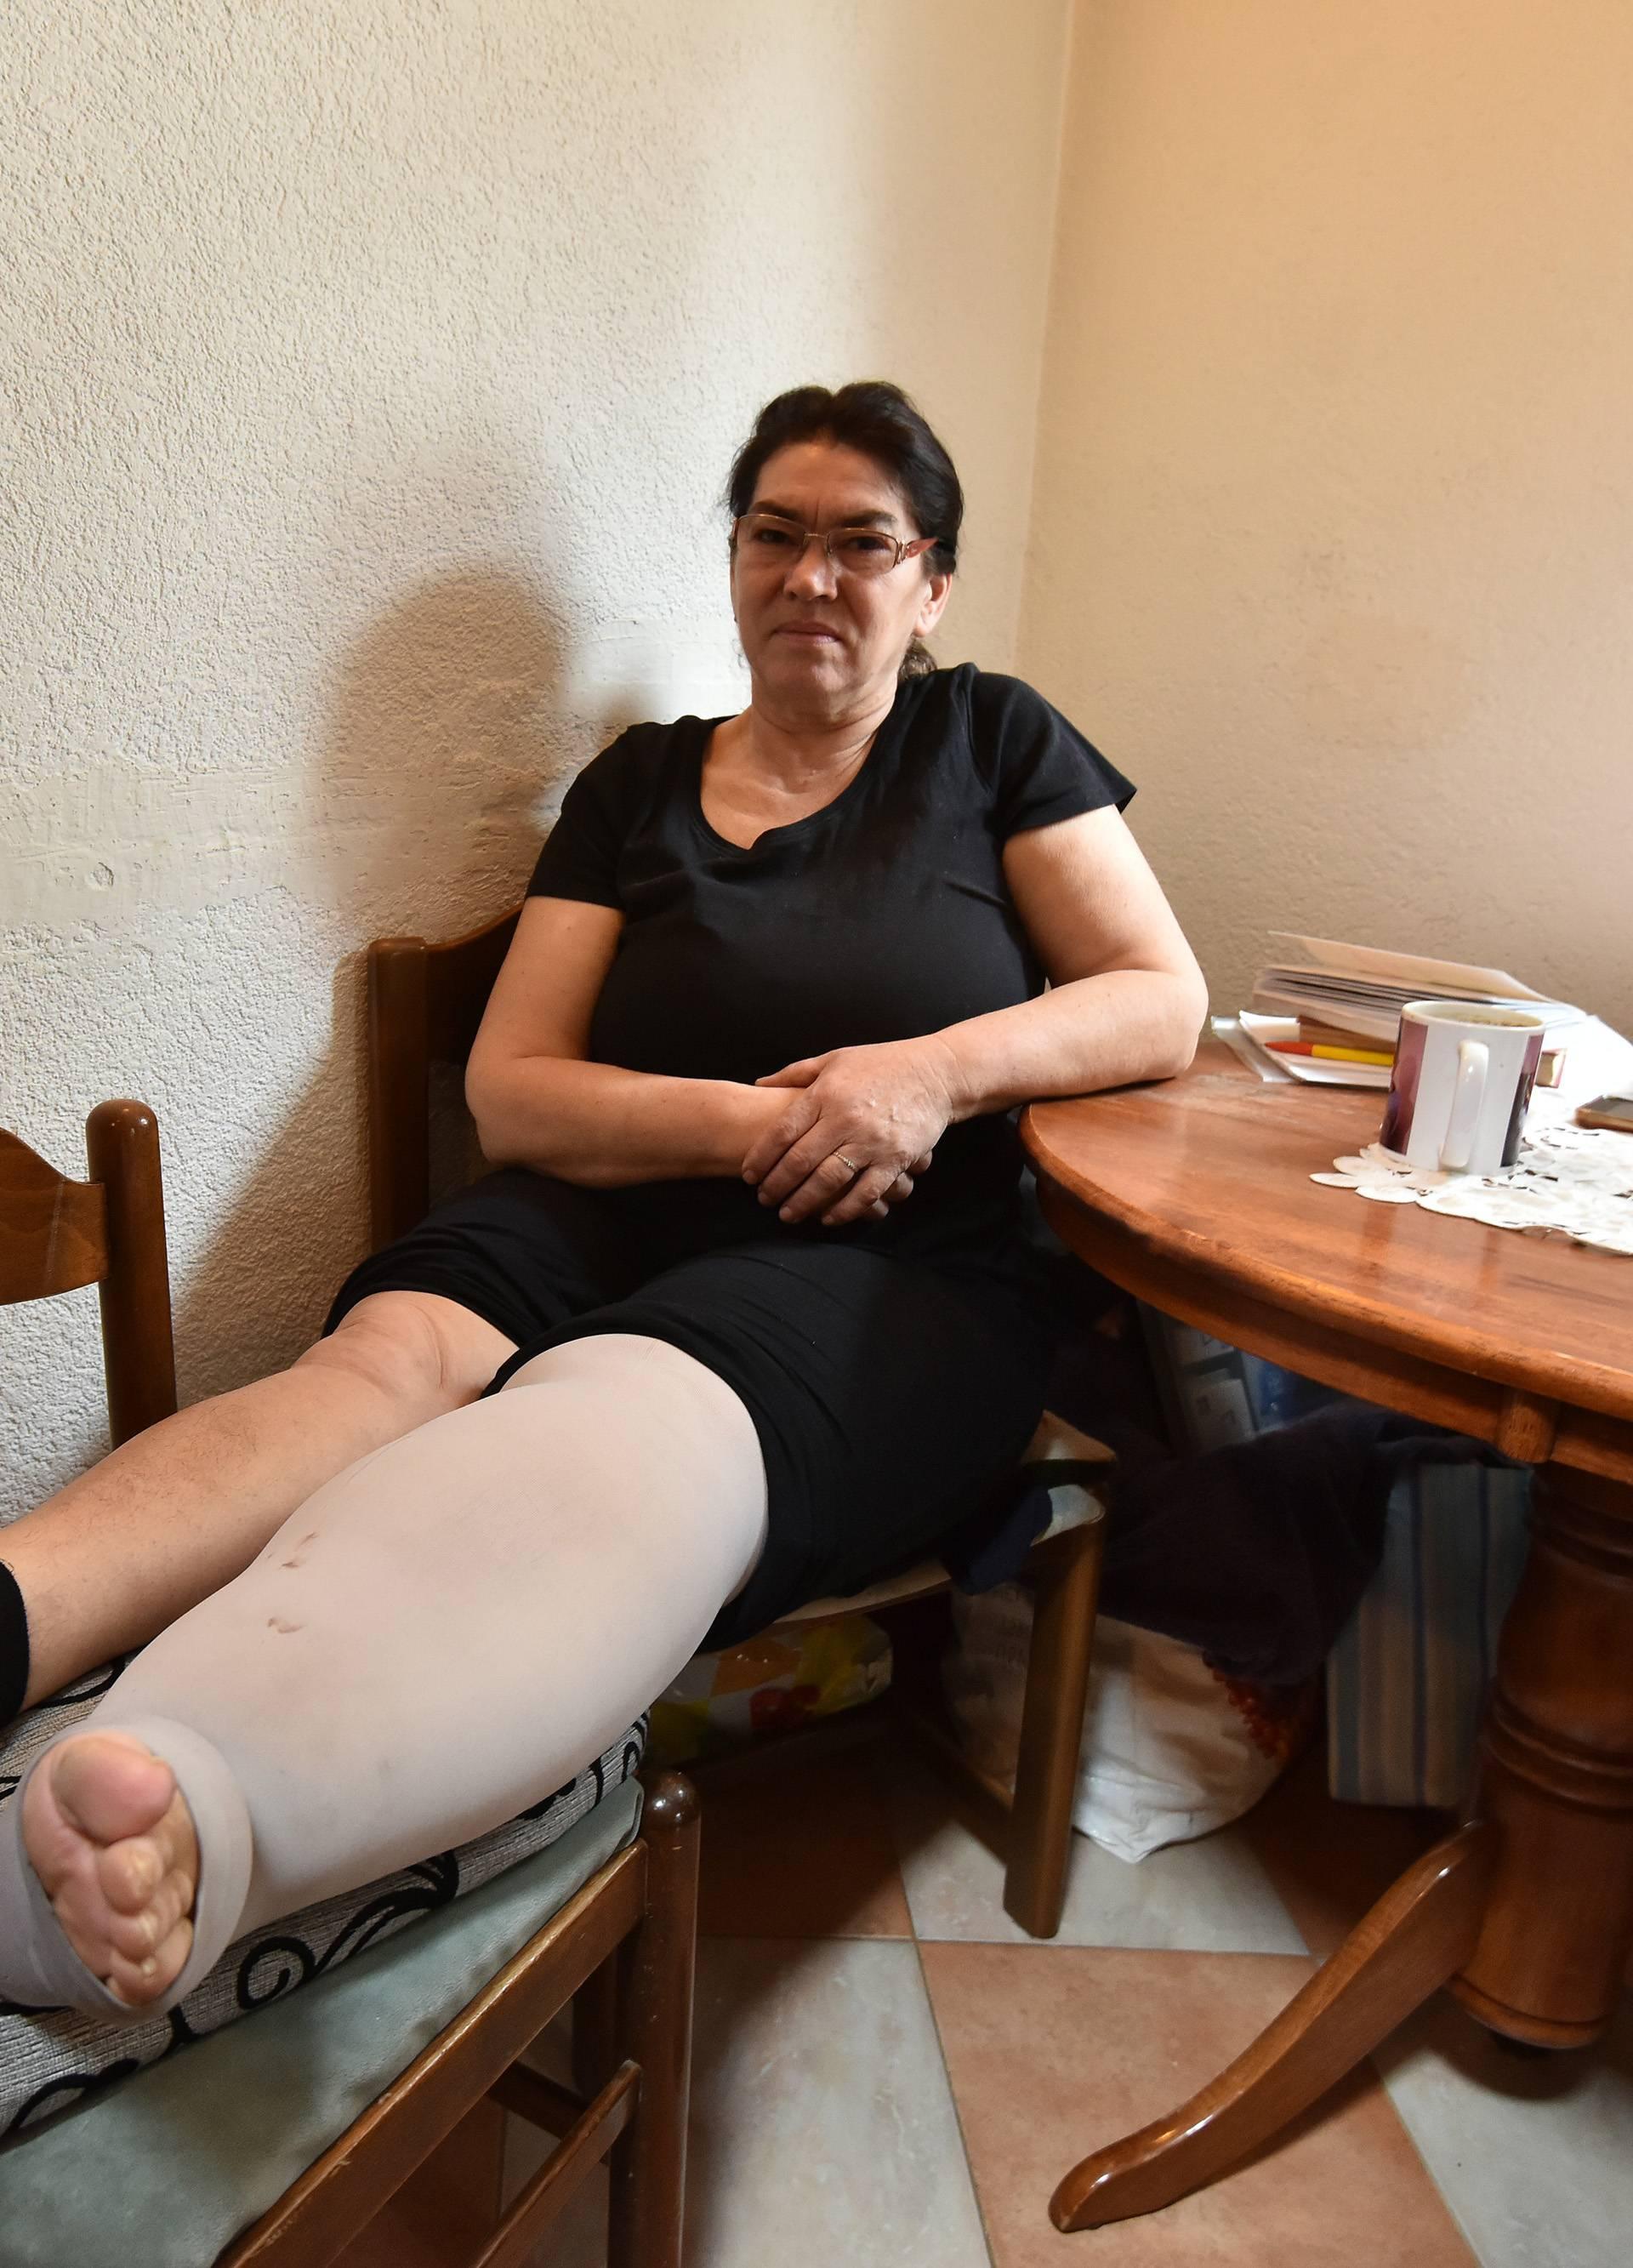 """Jela godinama traži pomoć: """"Lijeva noga mi i dalje raste"""""""